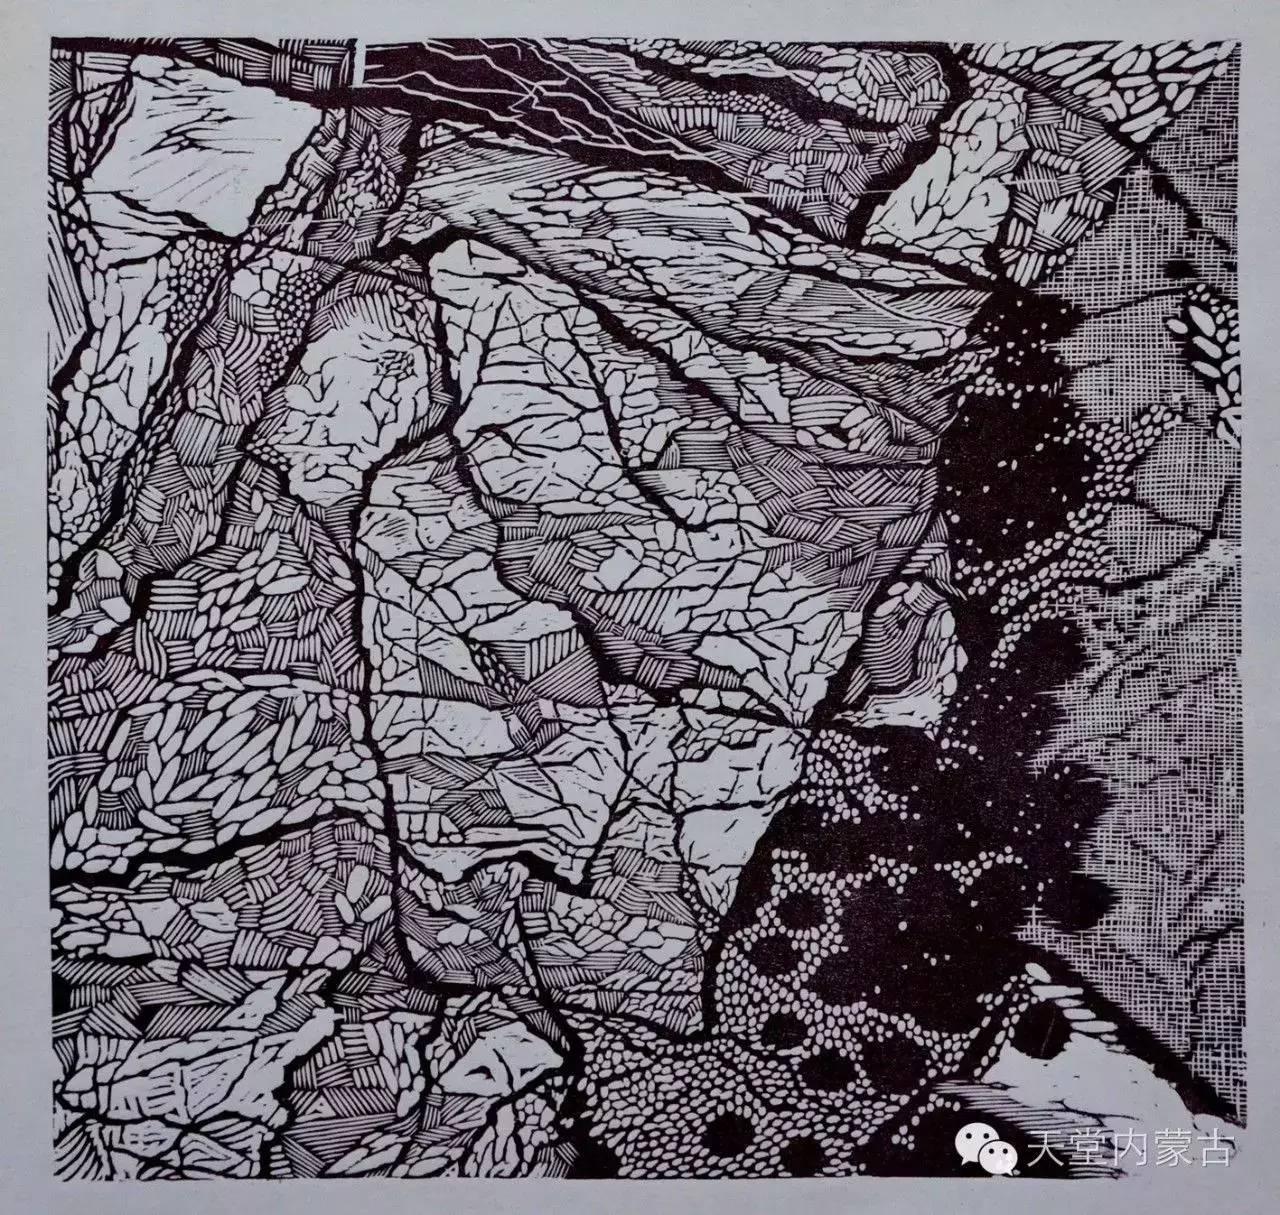 🔴内蒙古青年画家前德门作品 第16张 🔴内蒙古青年画家前德门作品 蒙古画廊